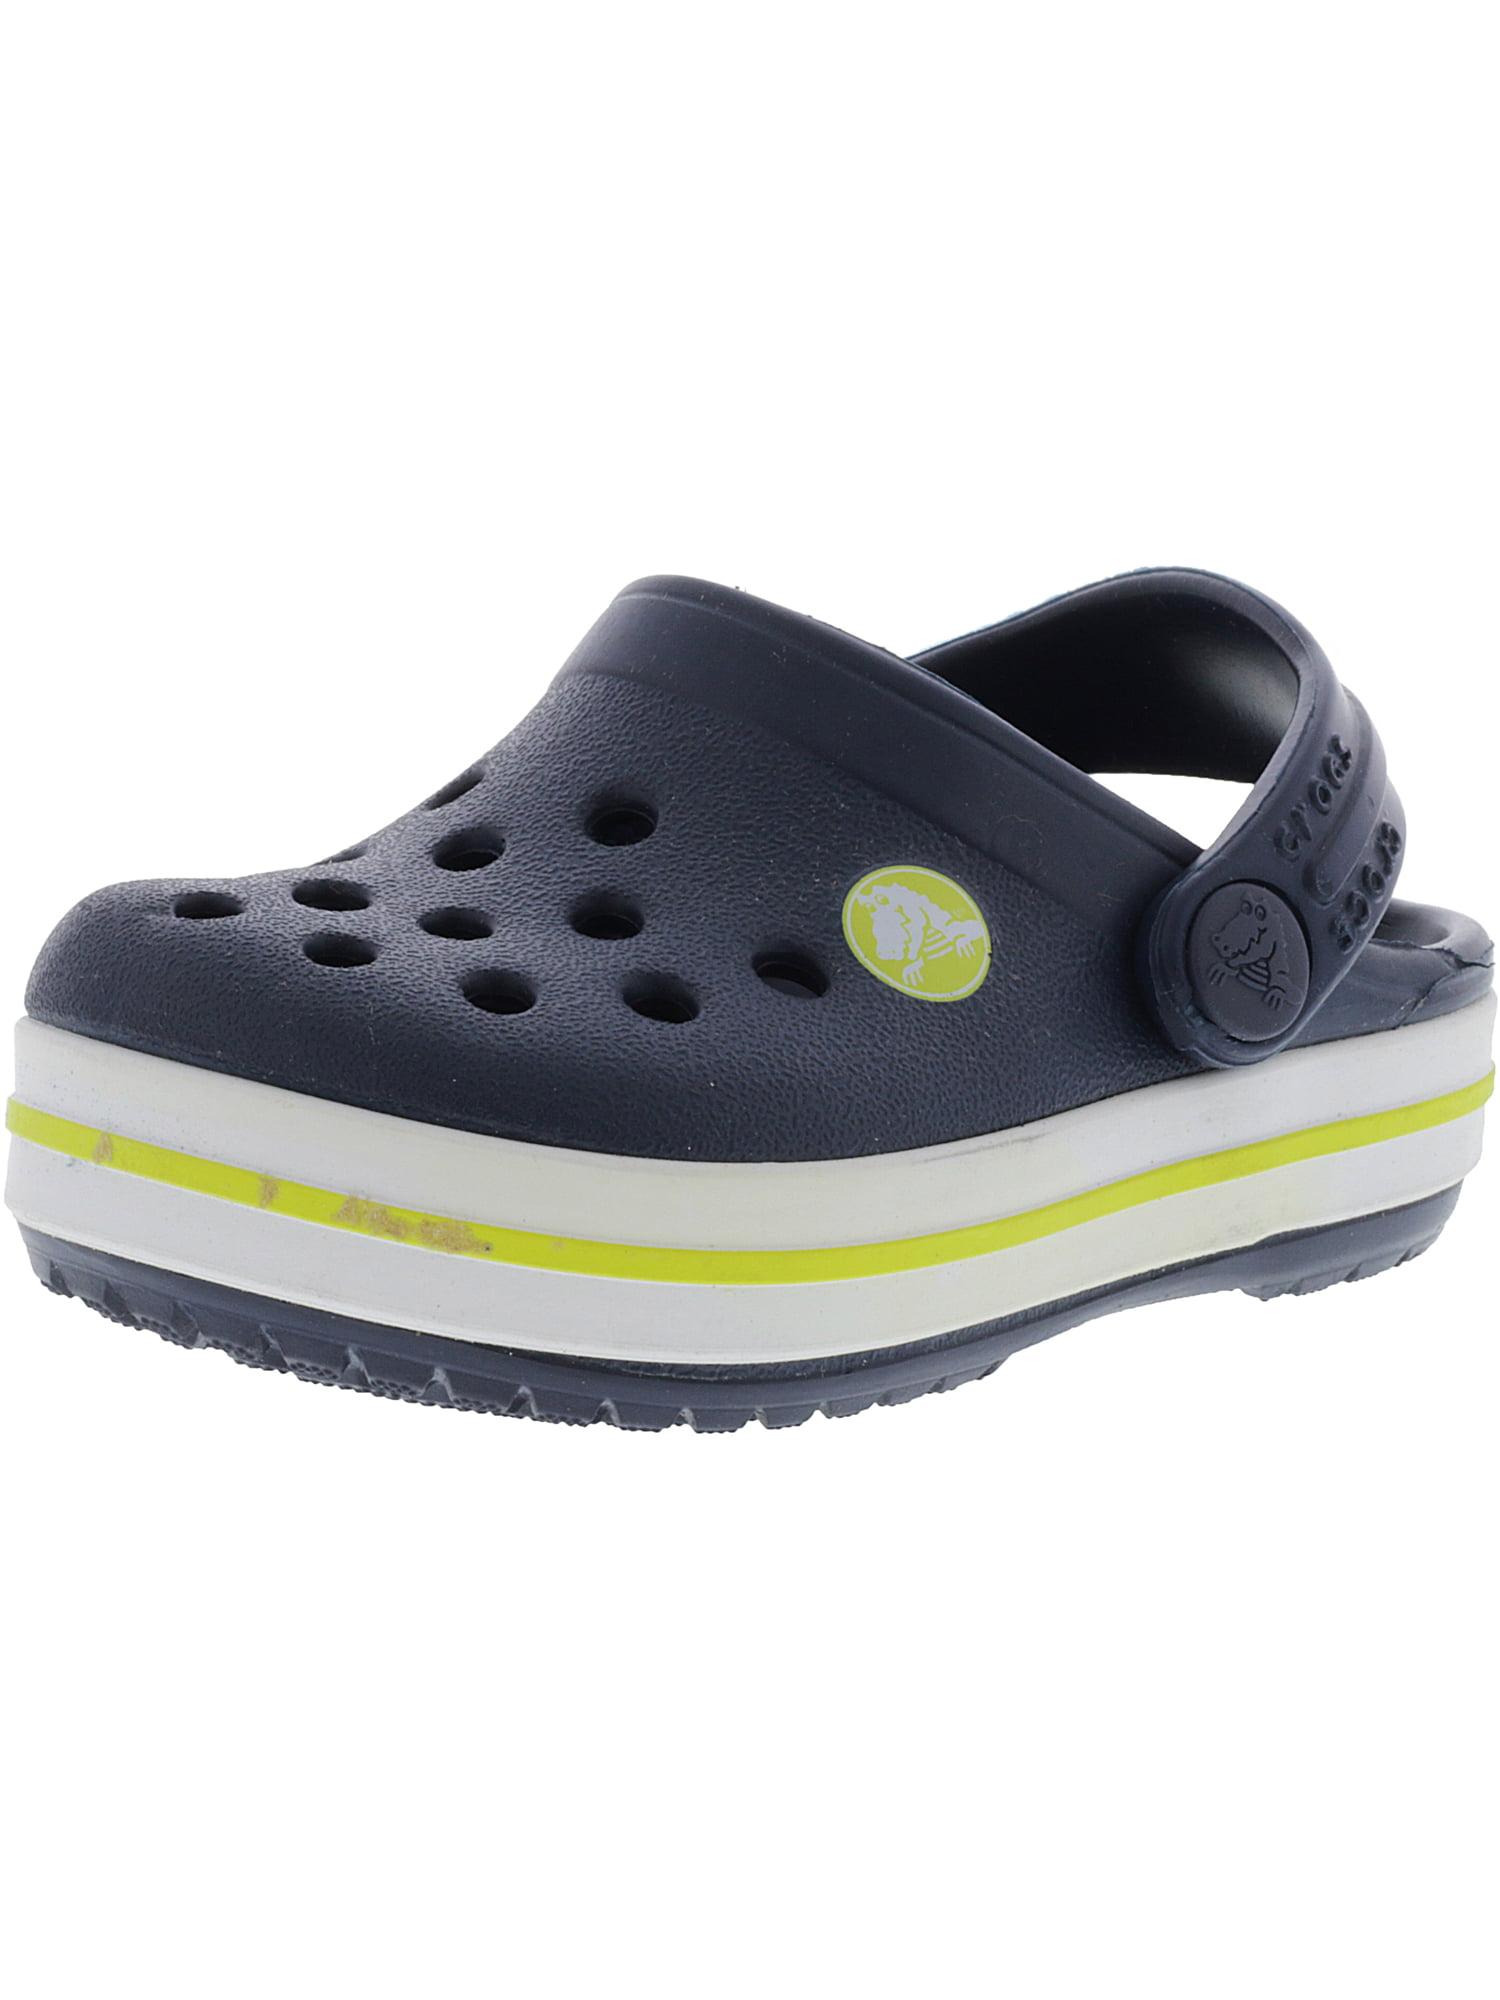 2ee887d9f700 Crocs Kids Crocband Clog Ltd Ultraviolet   White Clogs - 4M